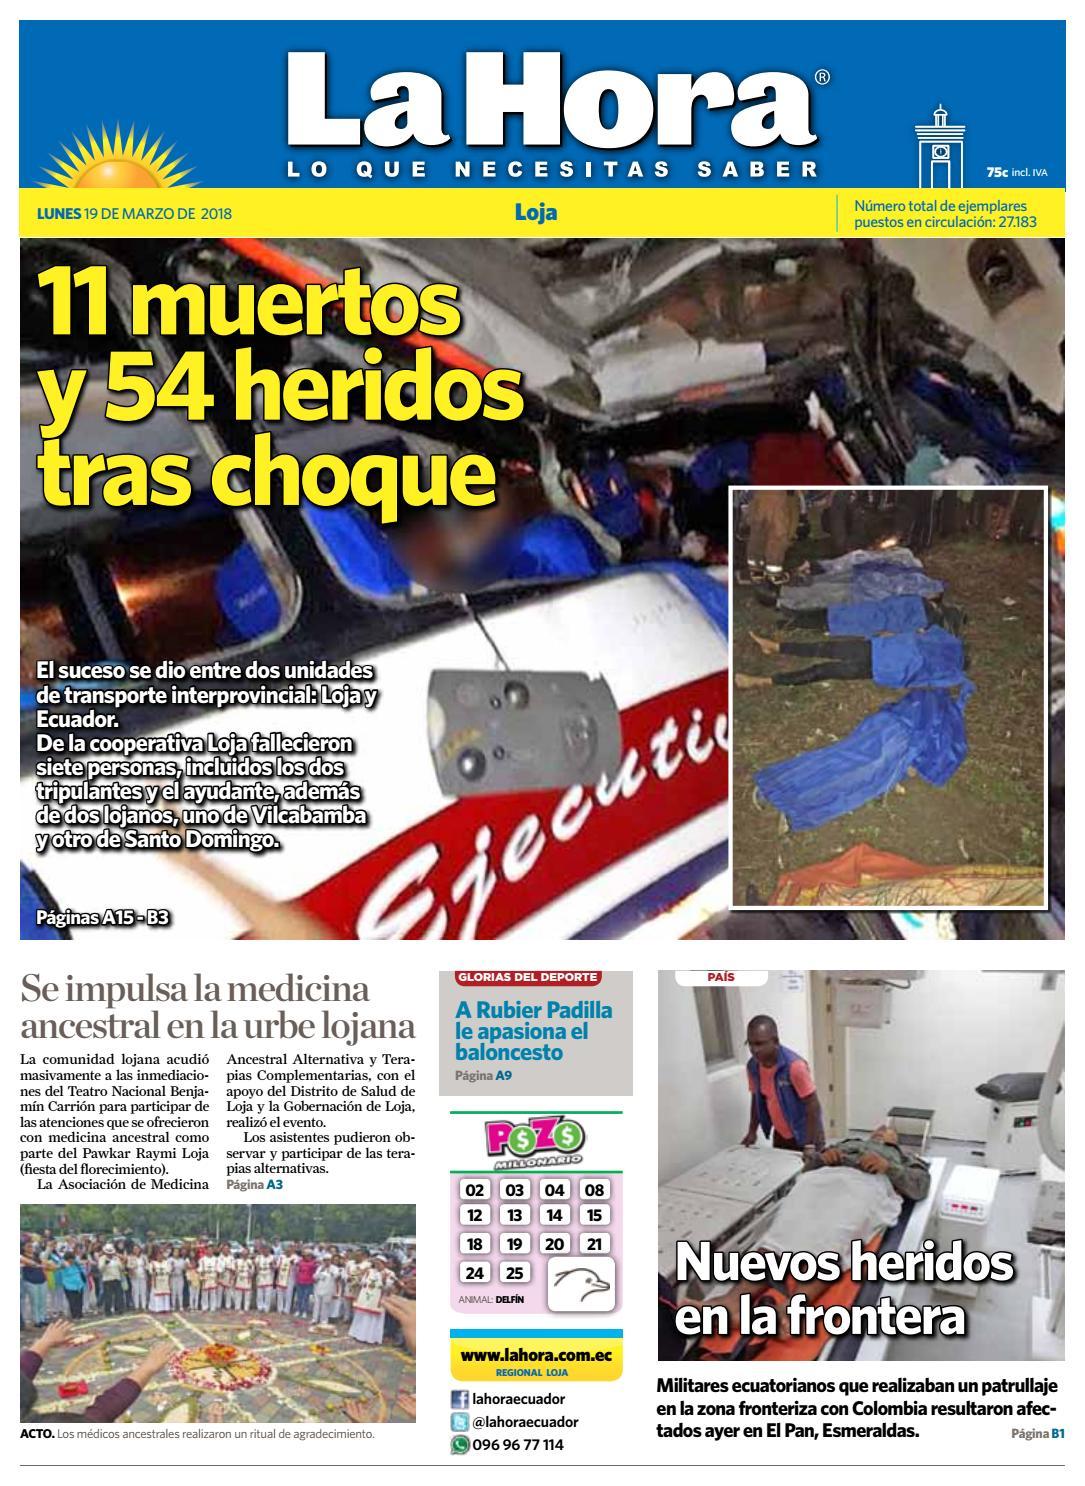 Diario La Hora Loja 19 de Marzo 2018 by Diario La Hora Ecuador - issuu 7637a20fc2